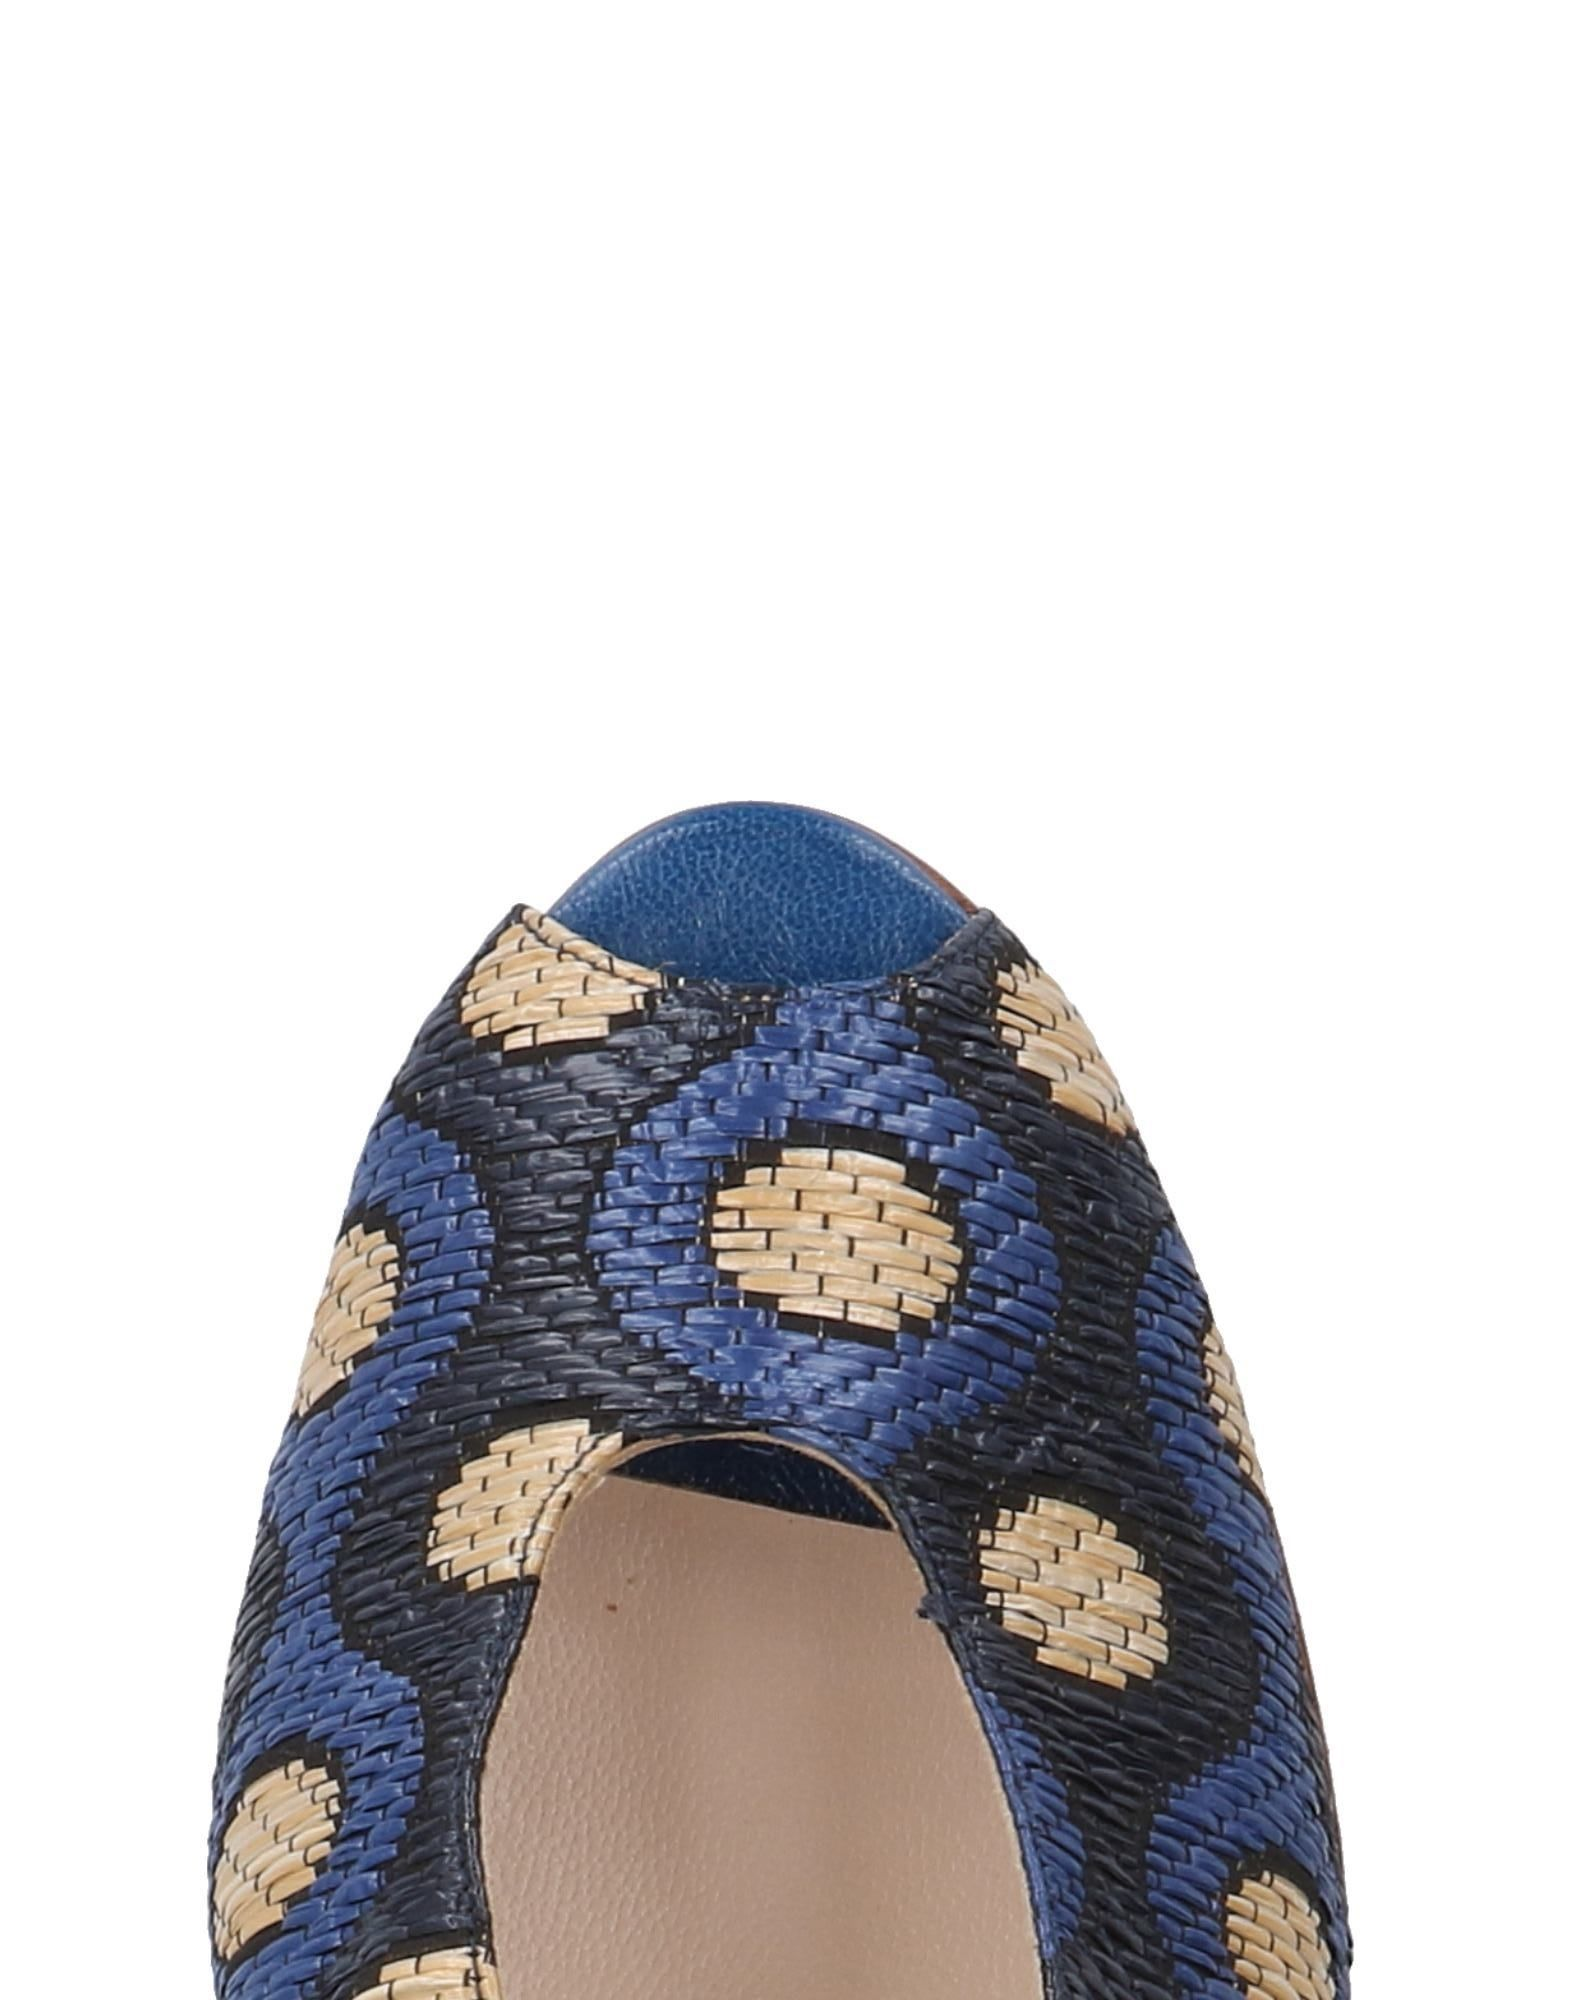 Gut um billige 11498762BC Schuhe zu tragenLenora Sandalen Damen 11498762BC billige 23095a